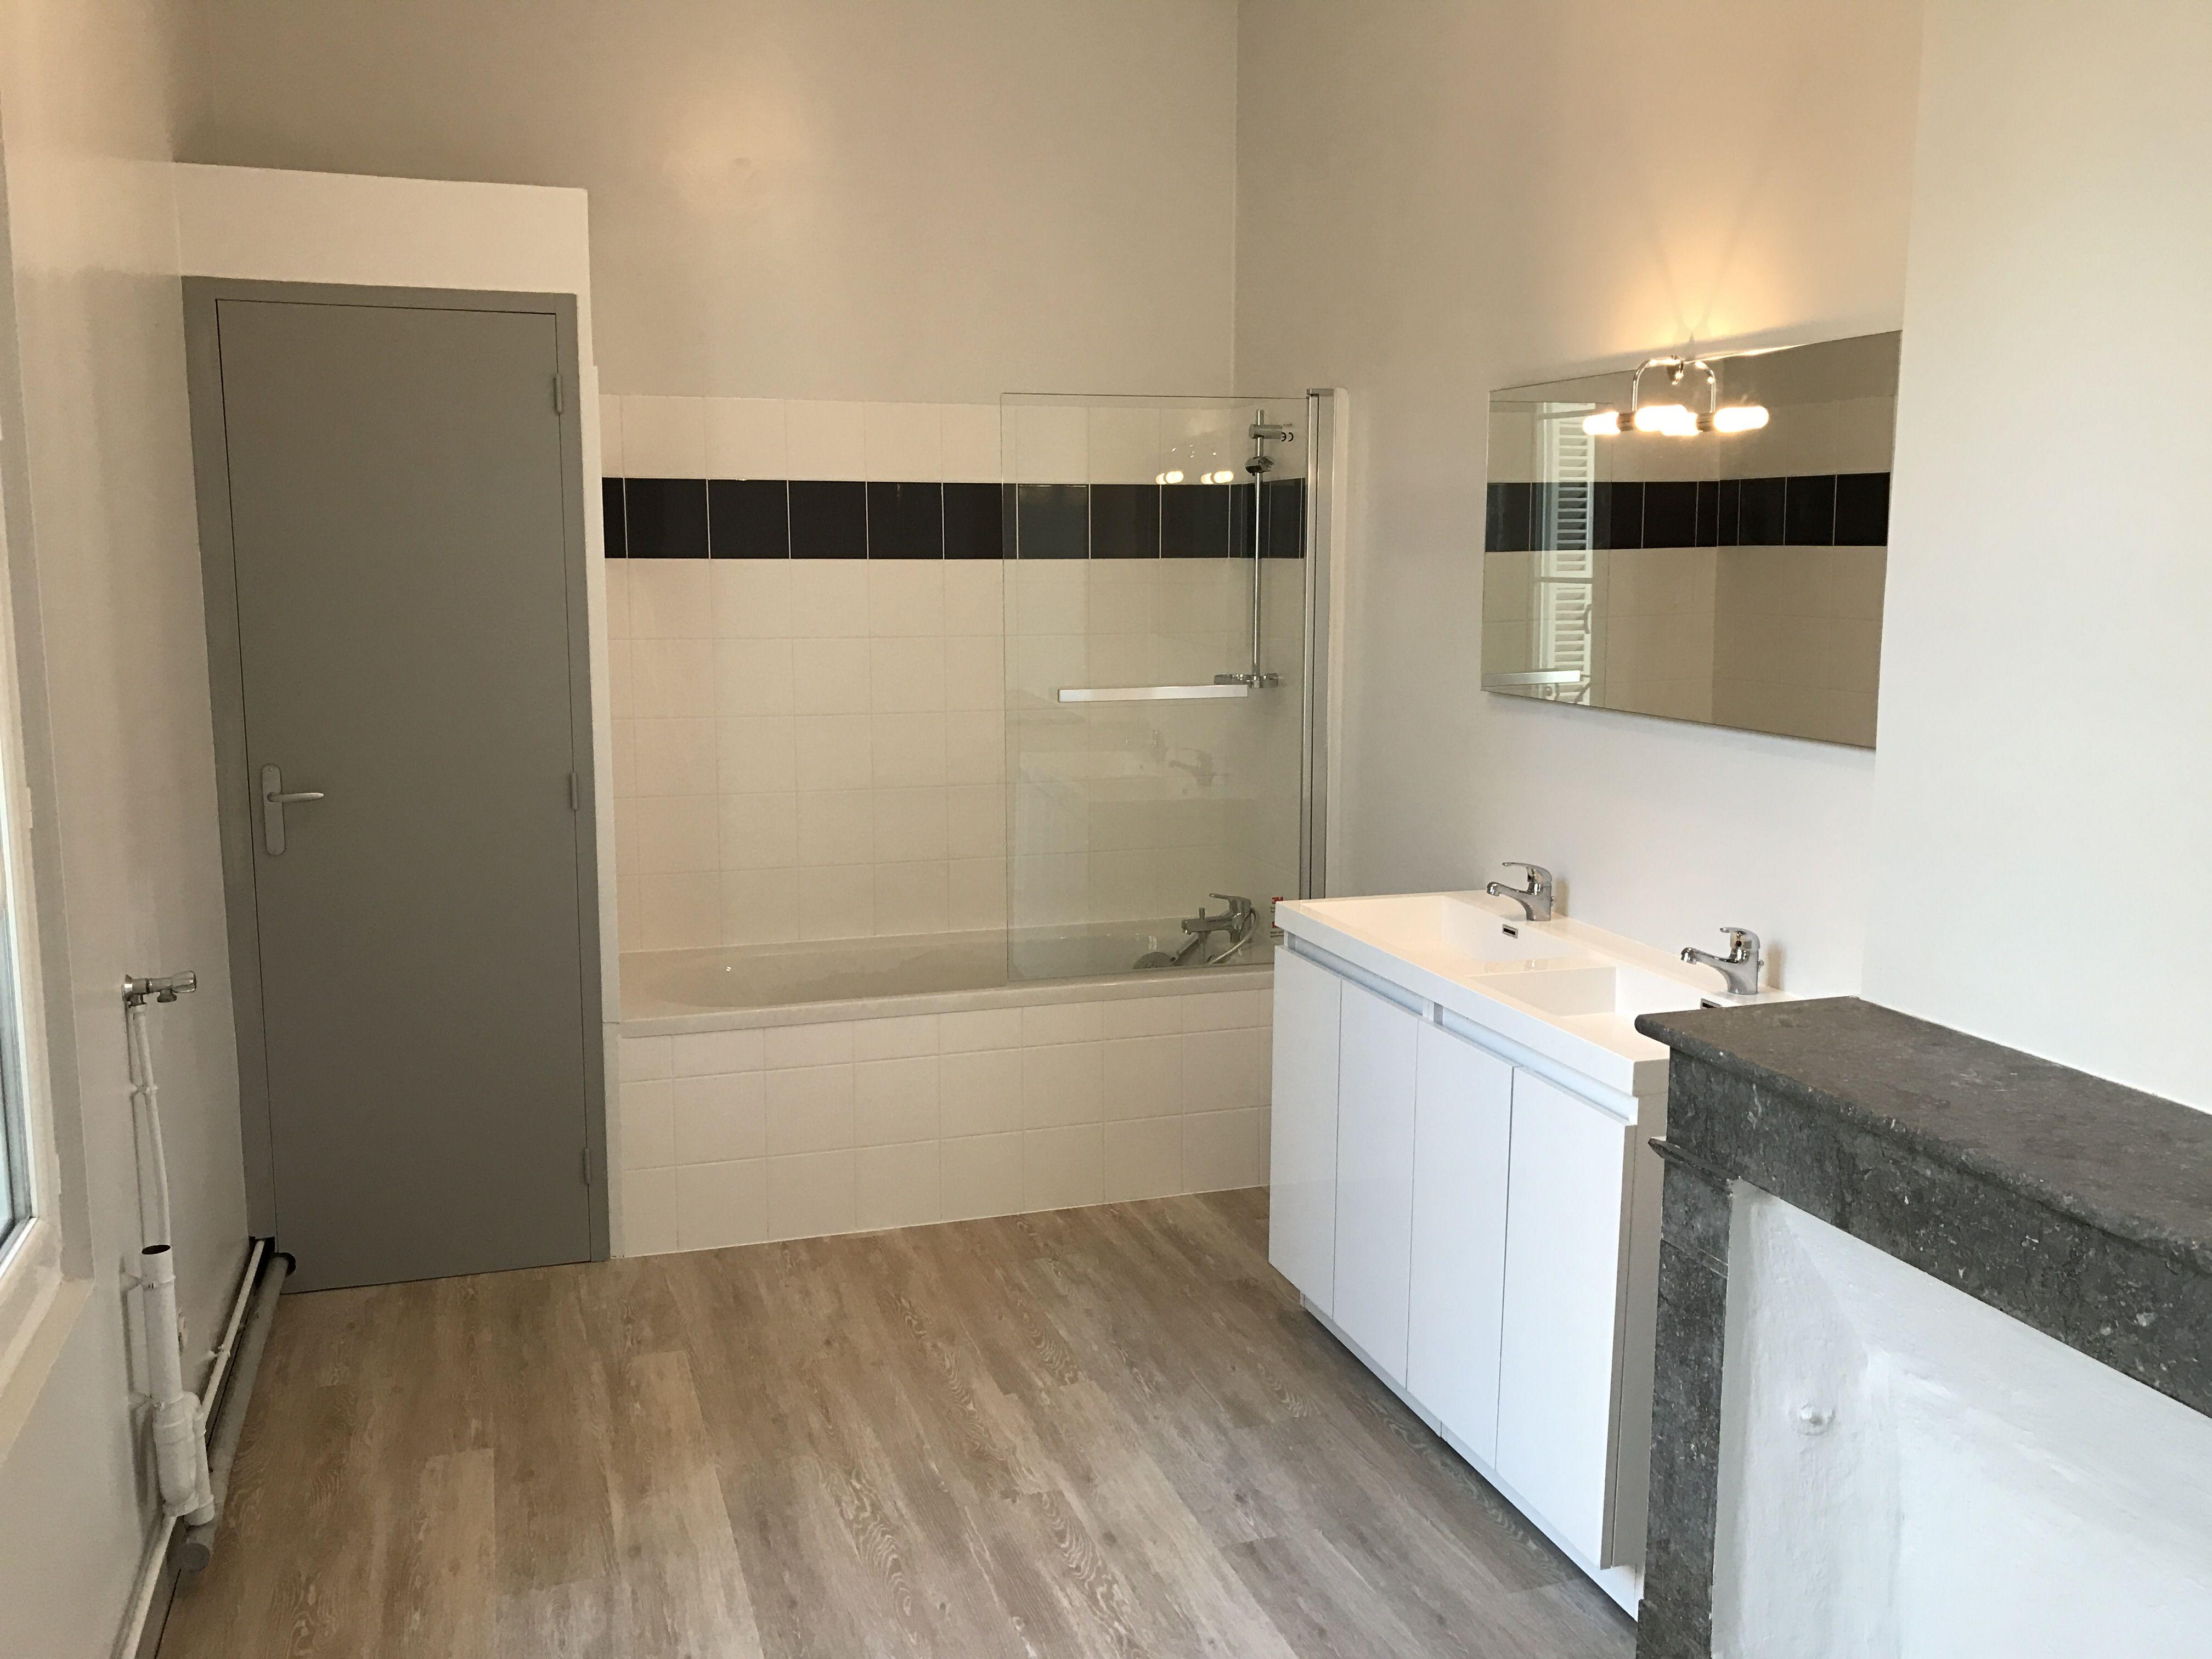 Rénovation d\'une salle de bain par l\'agence JeRenove.com de Bordeaux ...